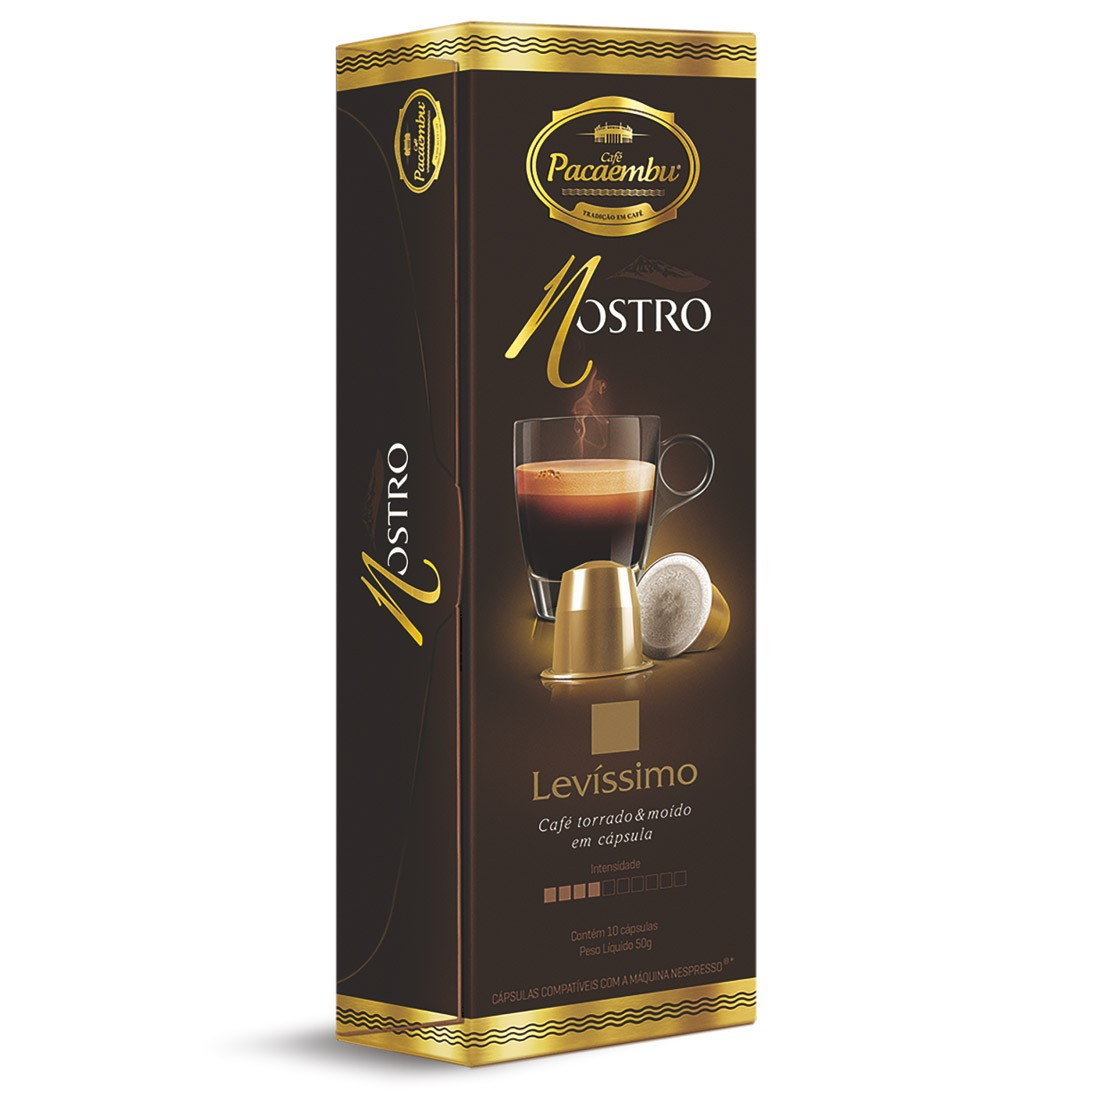 Cápsulas de Café Pacaembu Nostro Levíssimo - Compatíveis com Nespresso® - 10 un.